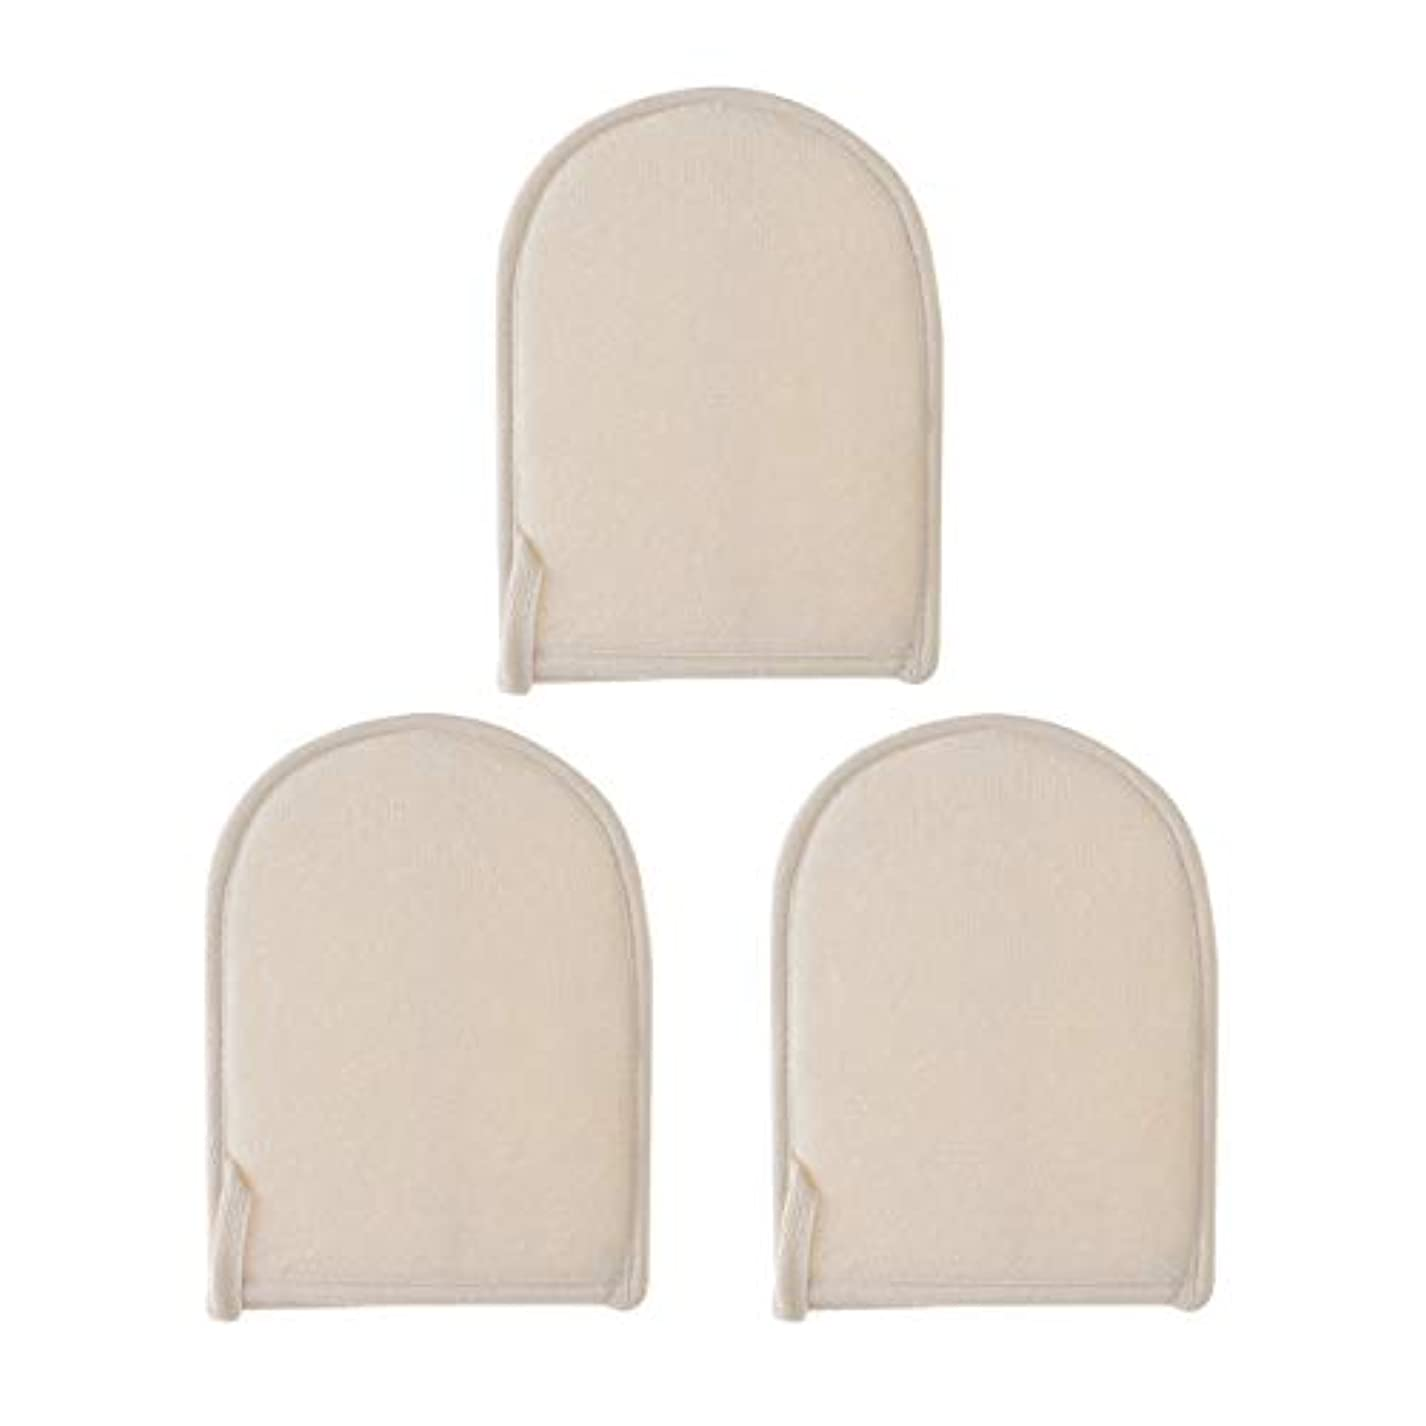 頑張る優雅墓地SUPVOX 3ピース剥離loofahパッドナチュラルLoofahスポンジ手袋風呂スクラバーブラシ用ボディフェイス